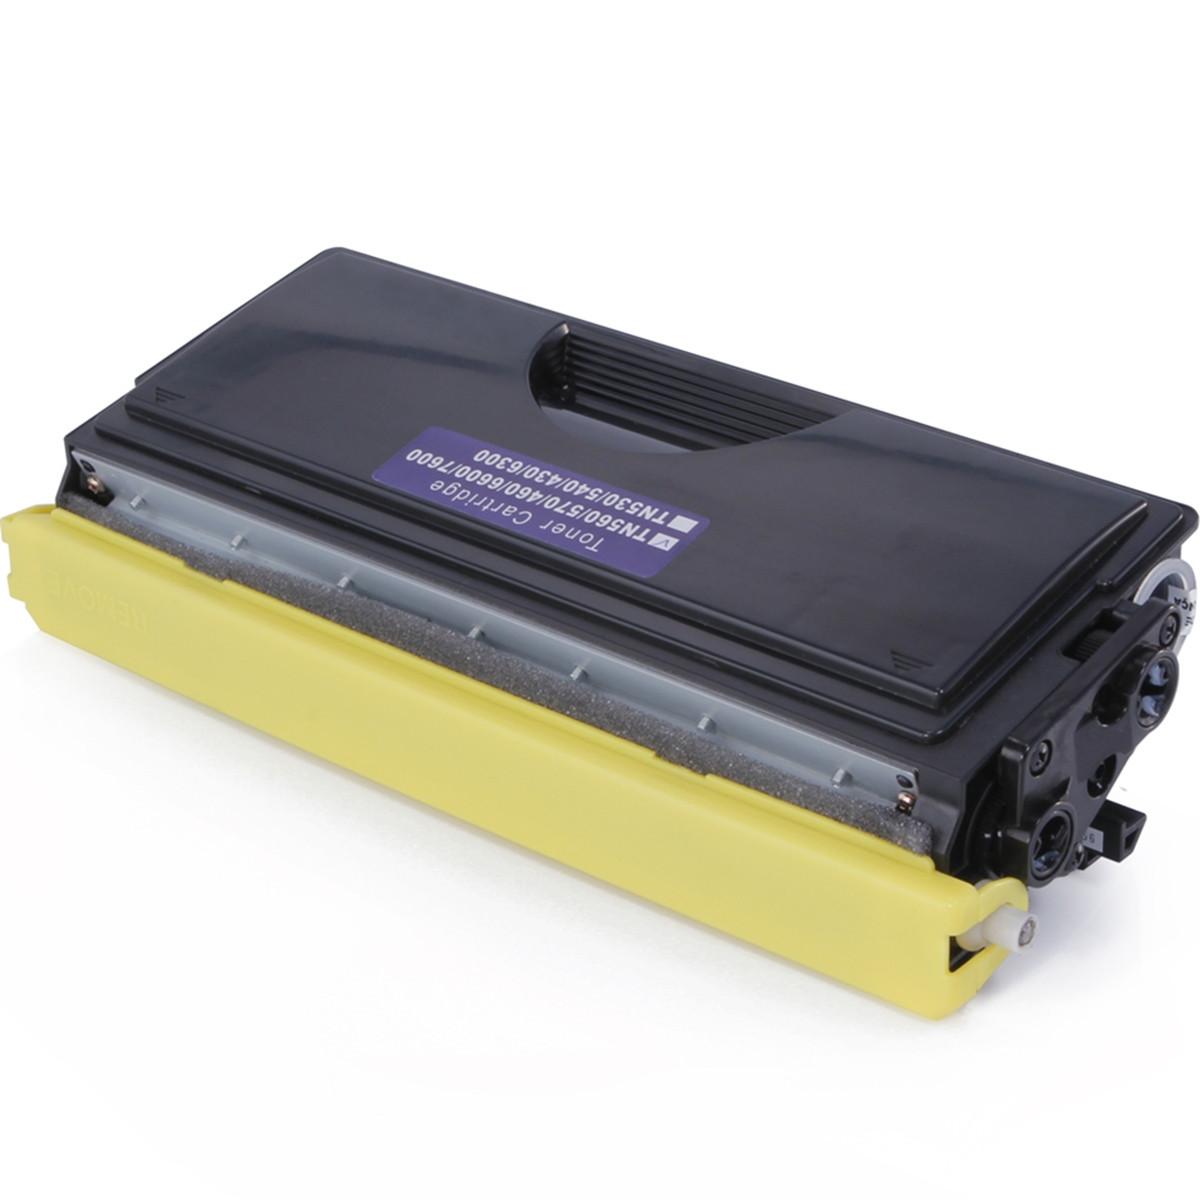 Toner Compatível com Brother TN570 | DCP8040 DCP8045D HL5140 HL5150DLT MFC8120 | Premium 6.5k